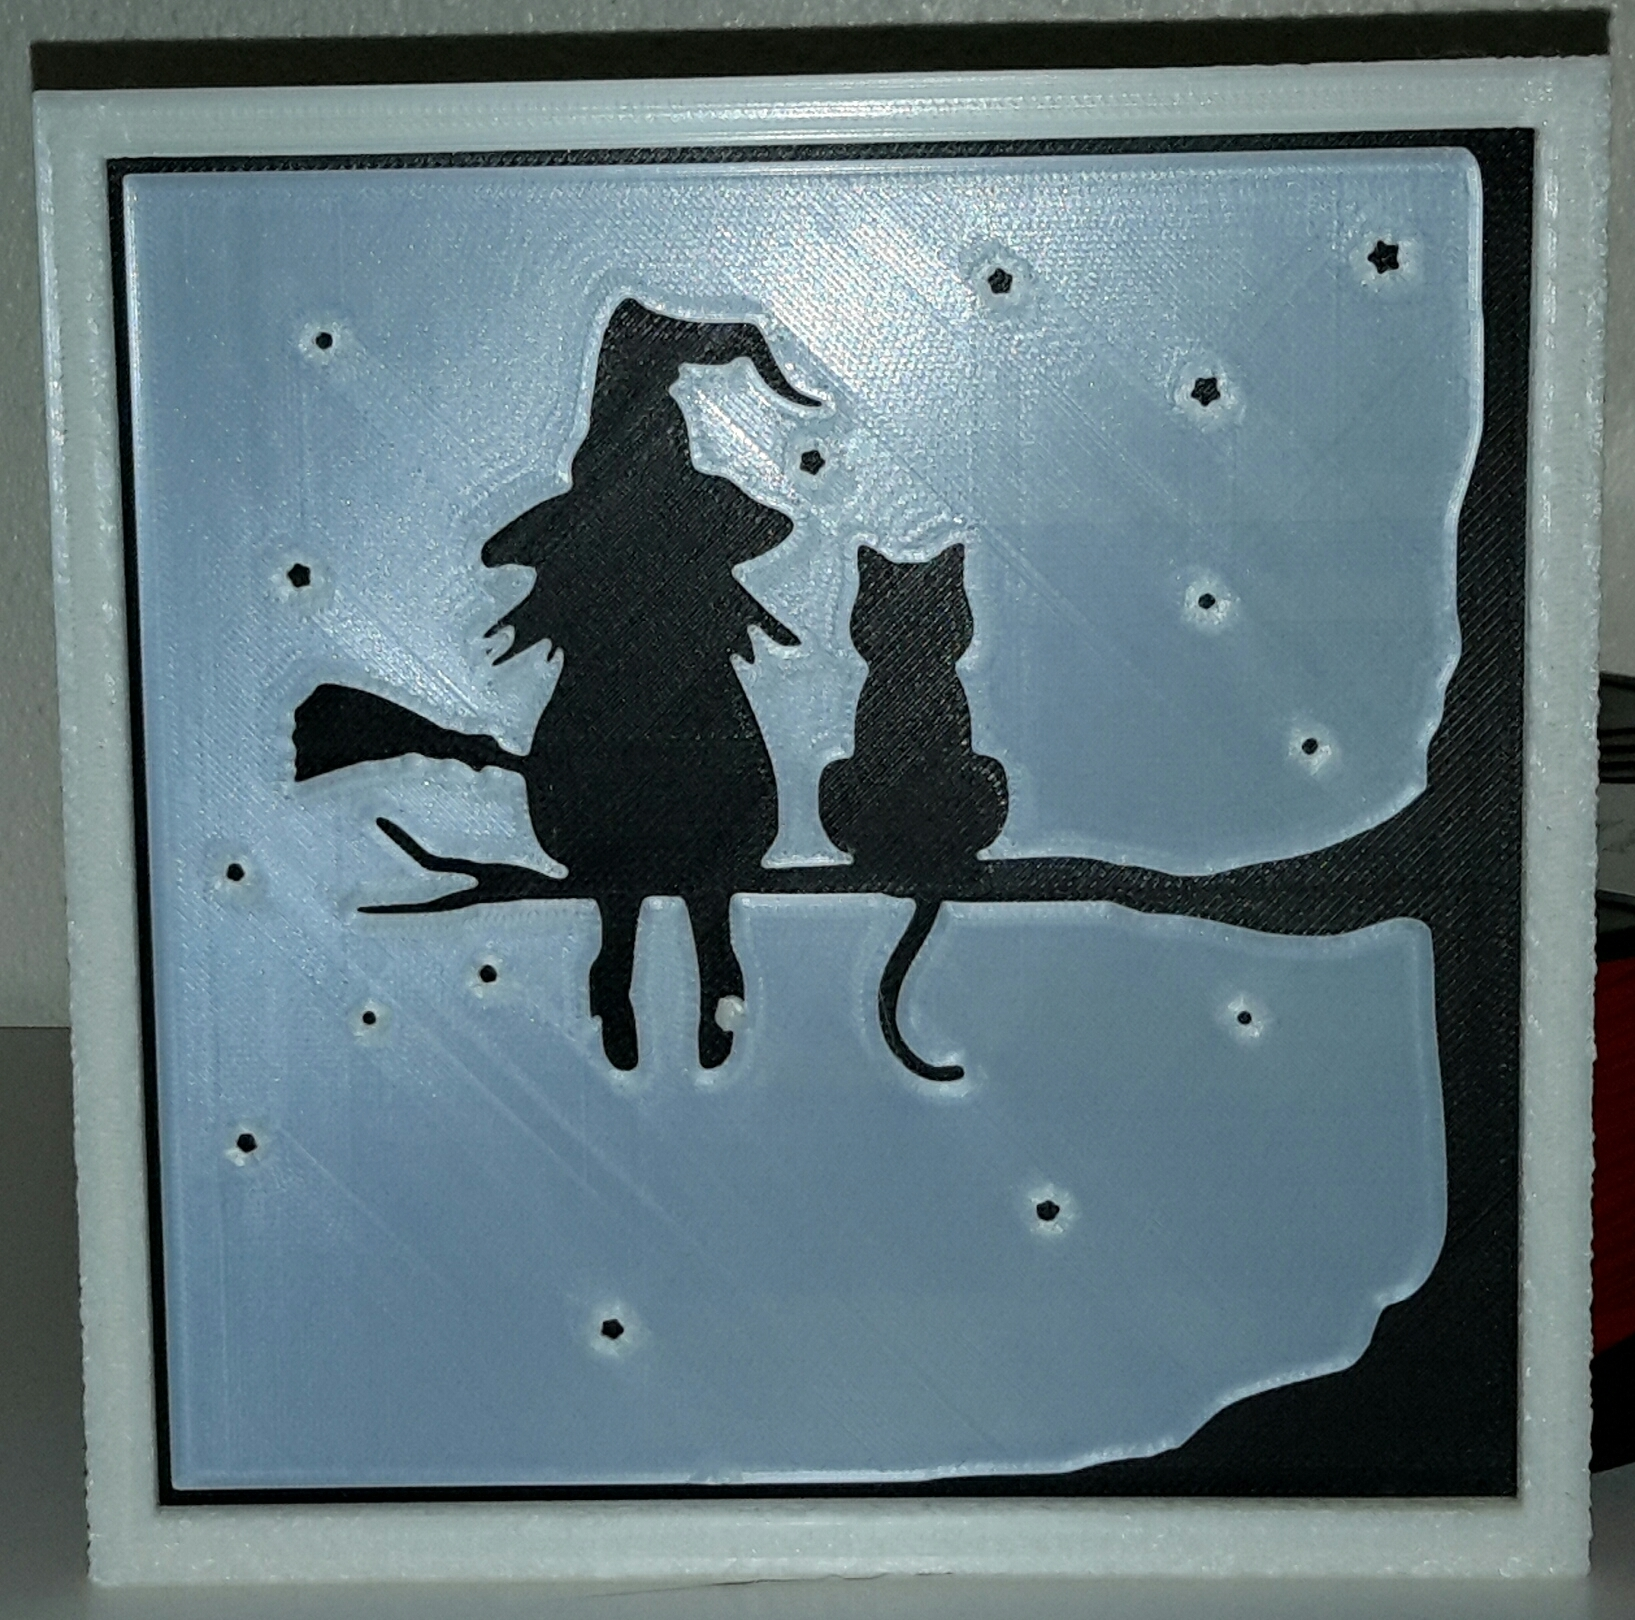 Studio_20190314_071042.jpg Télécharger fichier STL gratuit la sorcière et son chat - the witch and her cat • Objet à imprimer en 3D, yb__magiic